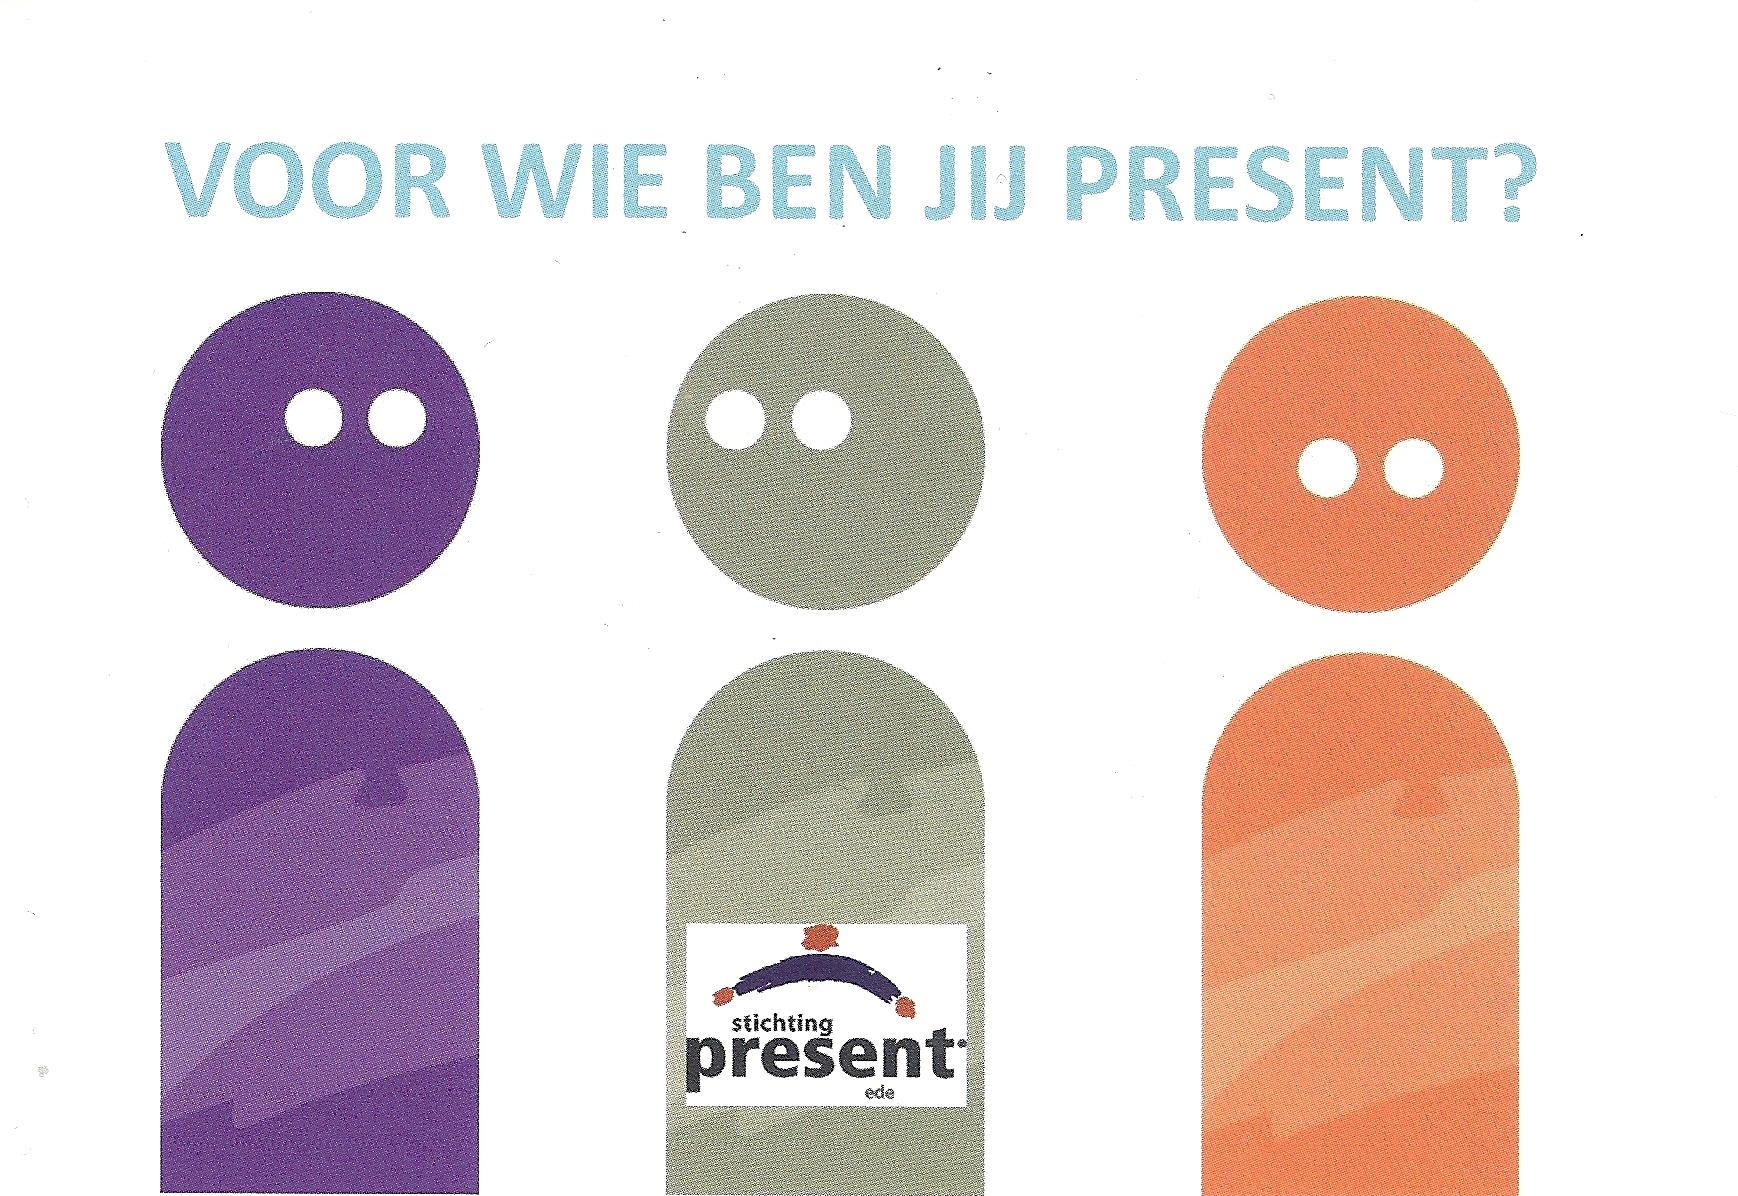 Voor wie ben jij present?